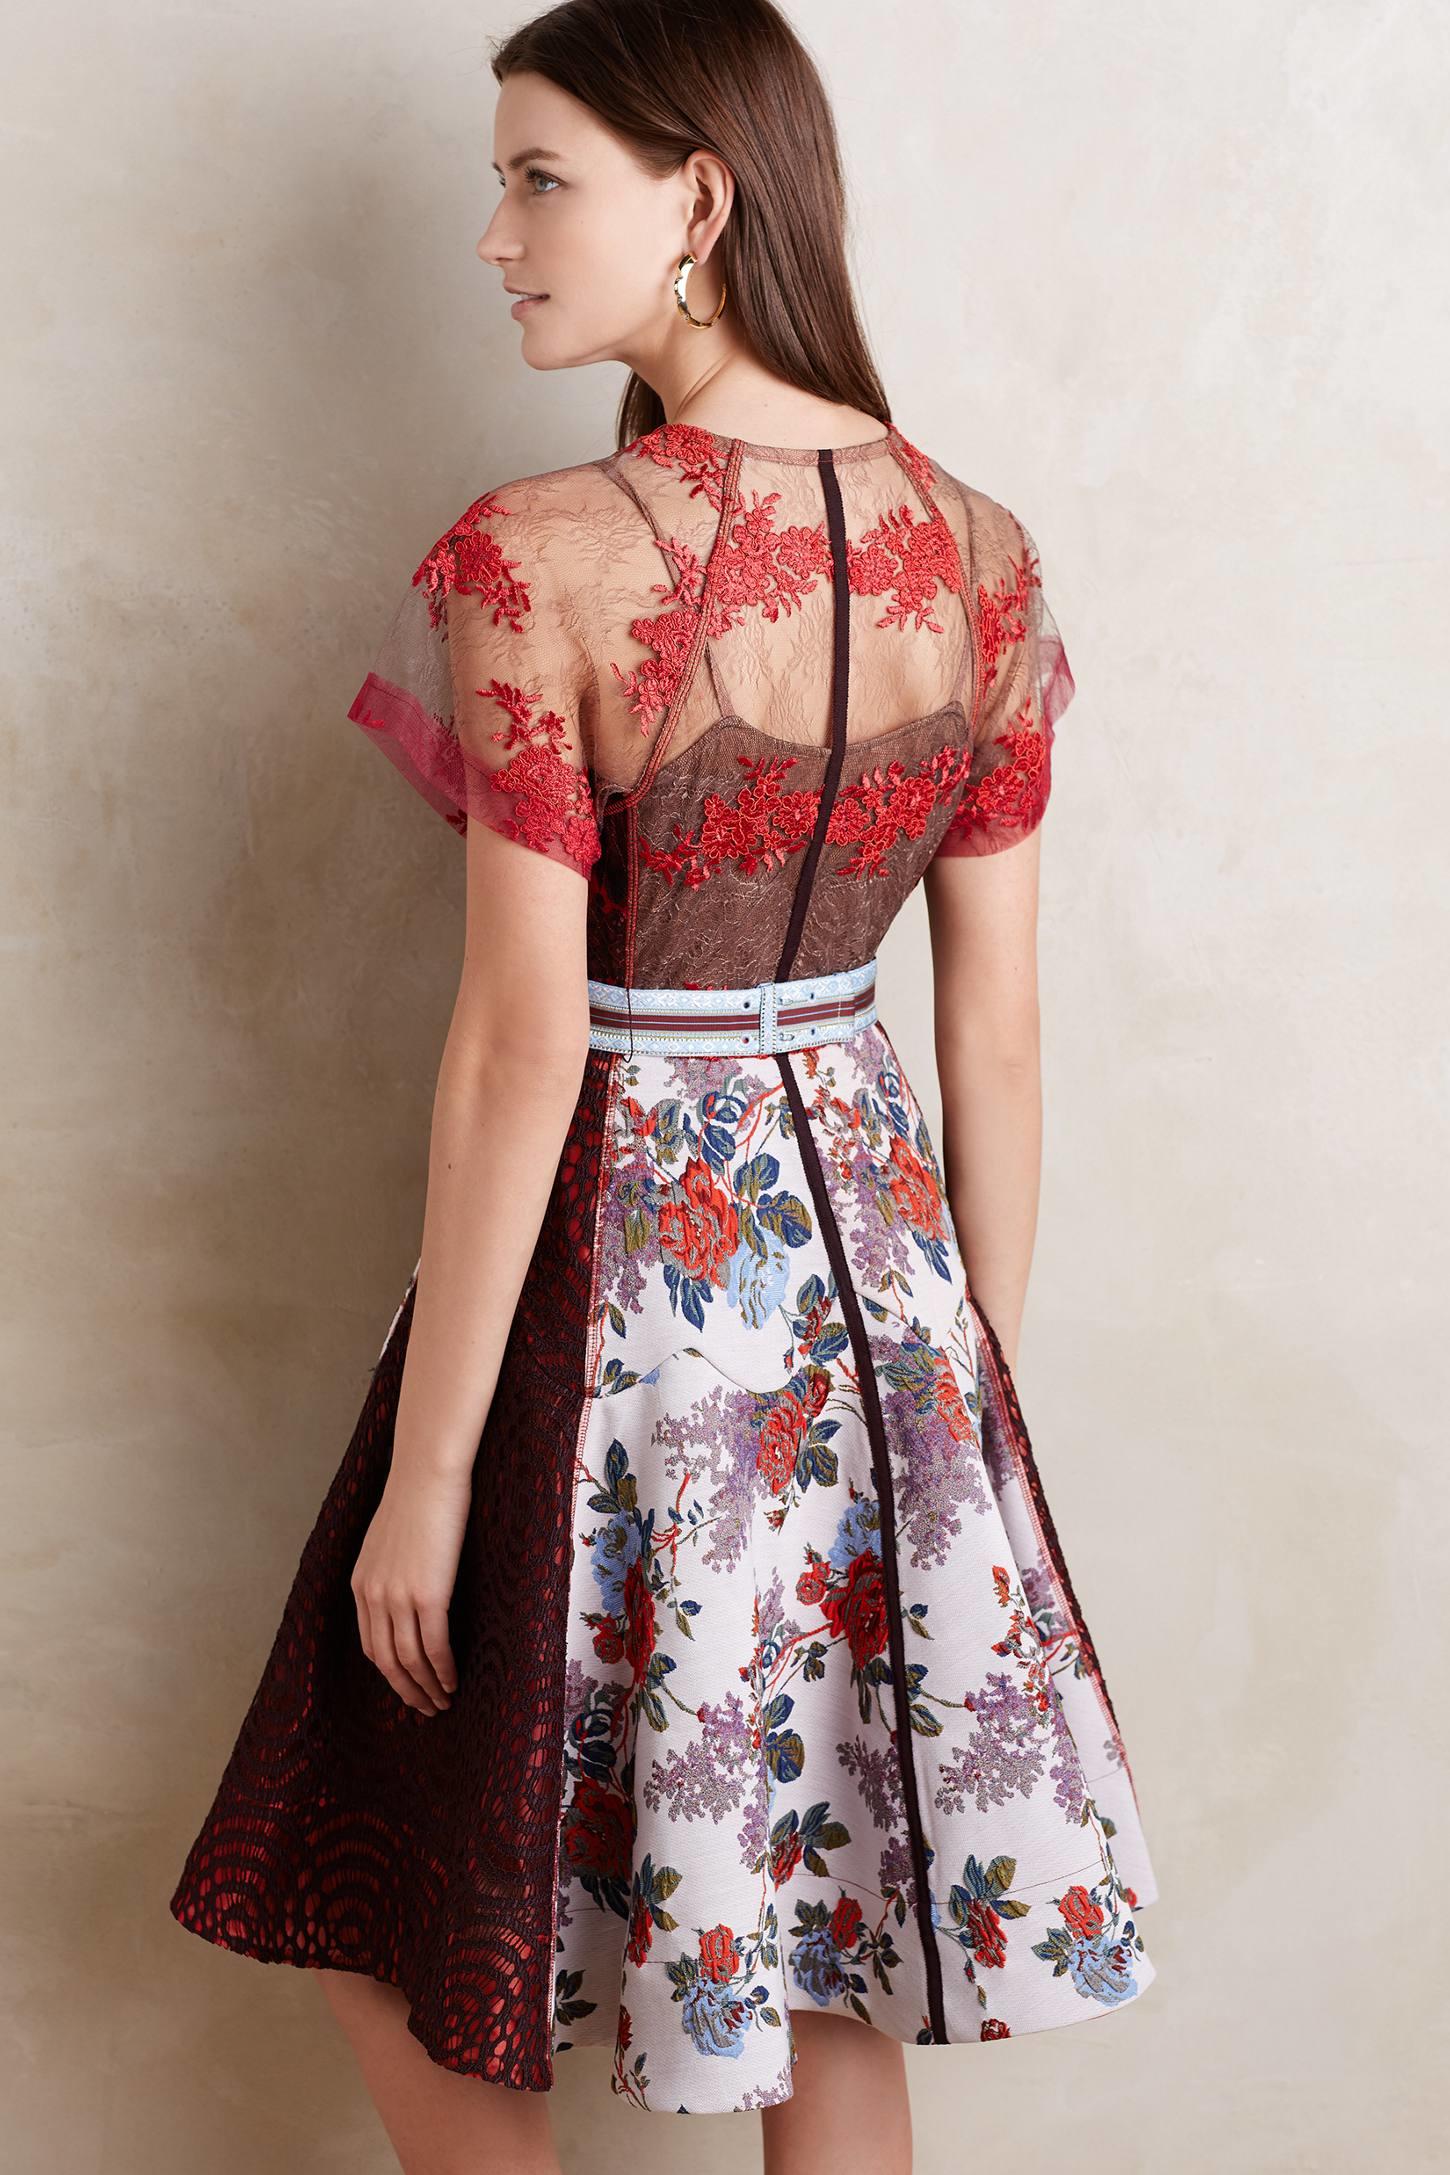 byron lars beauty mark winter rose dress in red lyst